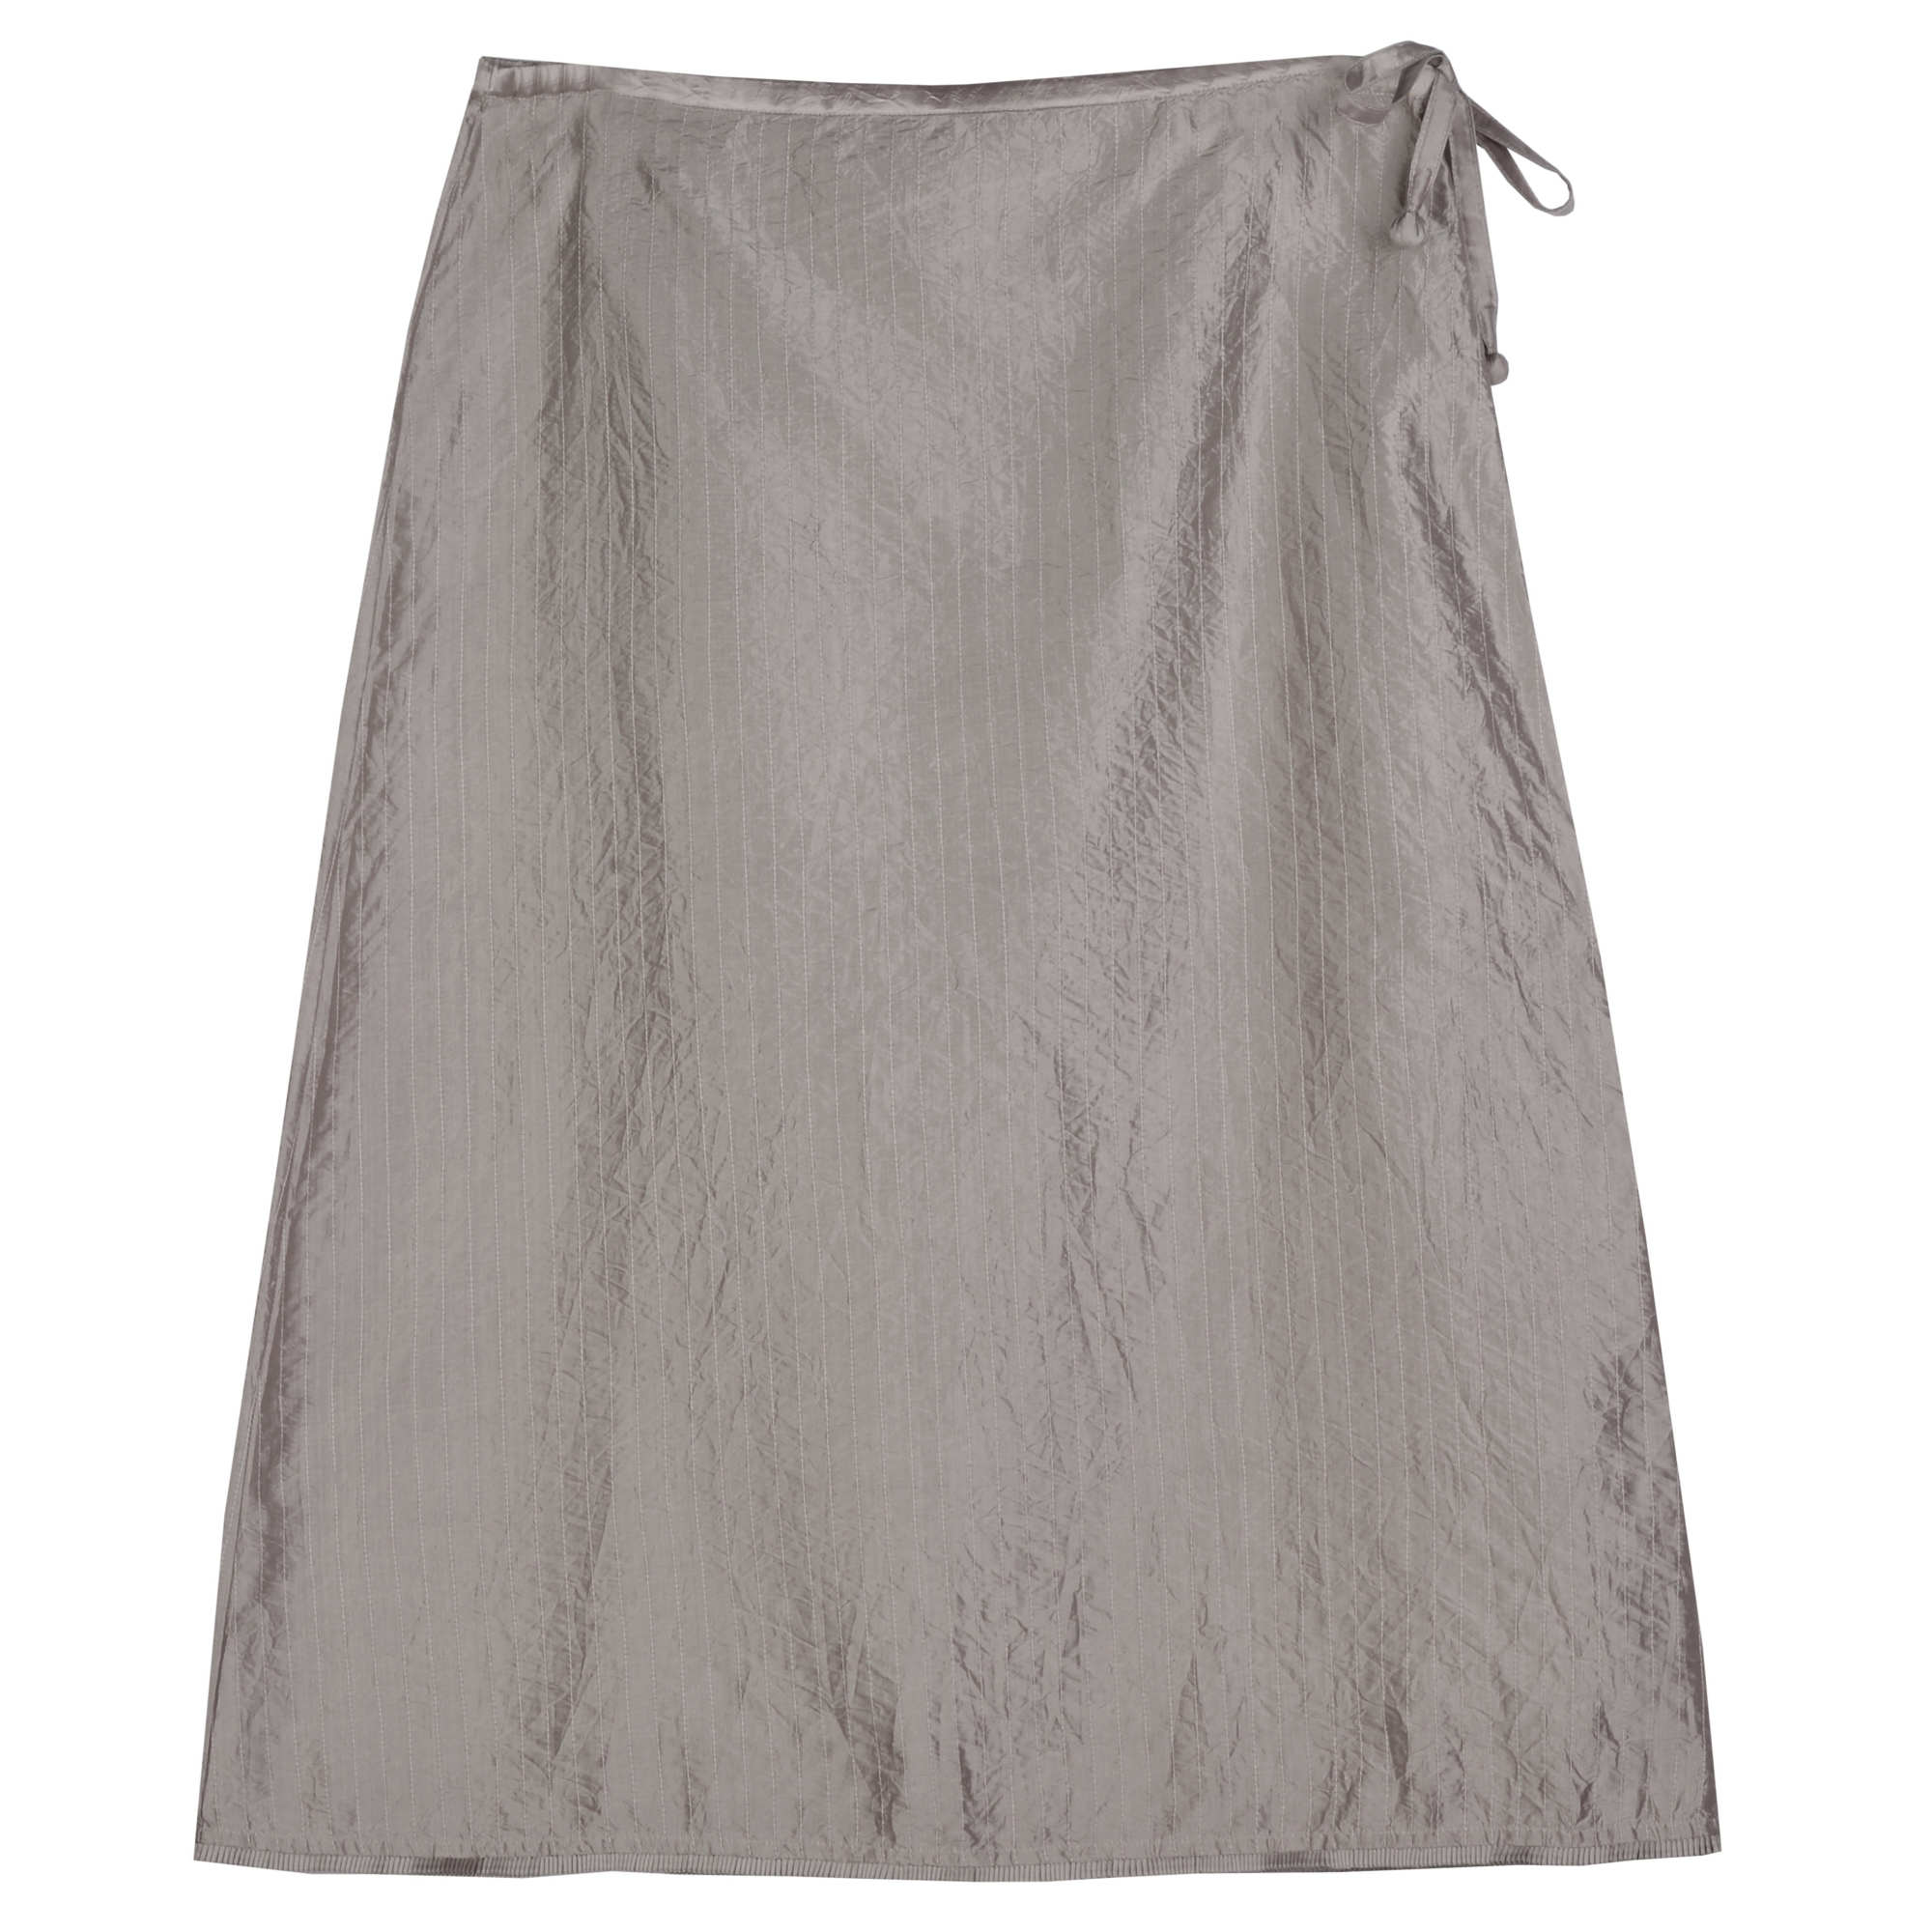 Washed Silk Taffeta Skirt